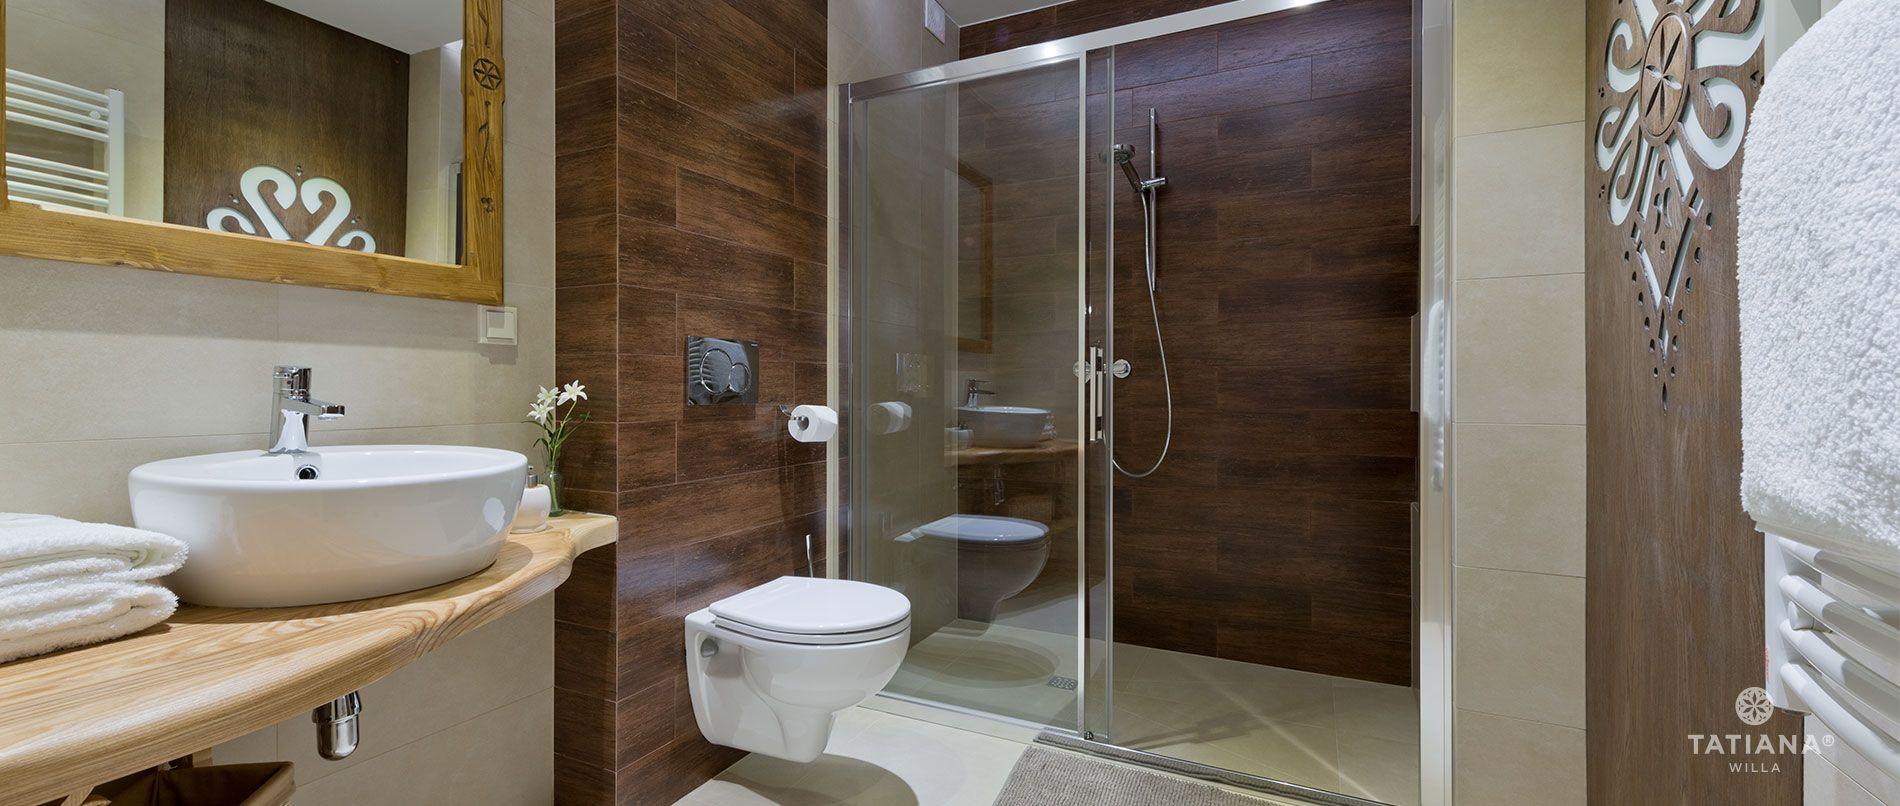 Apartament Lux11- lazienka